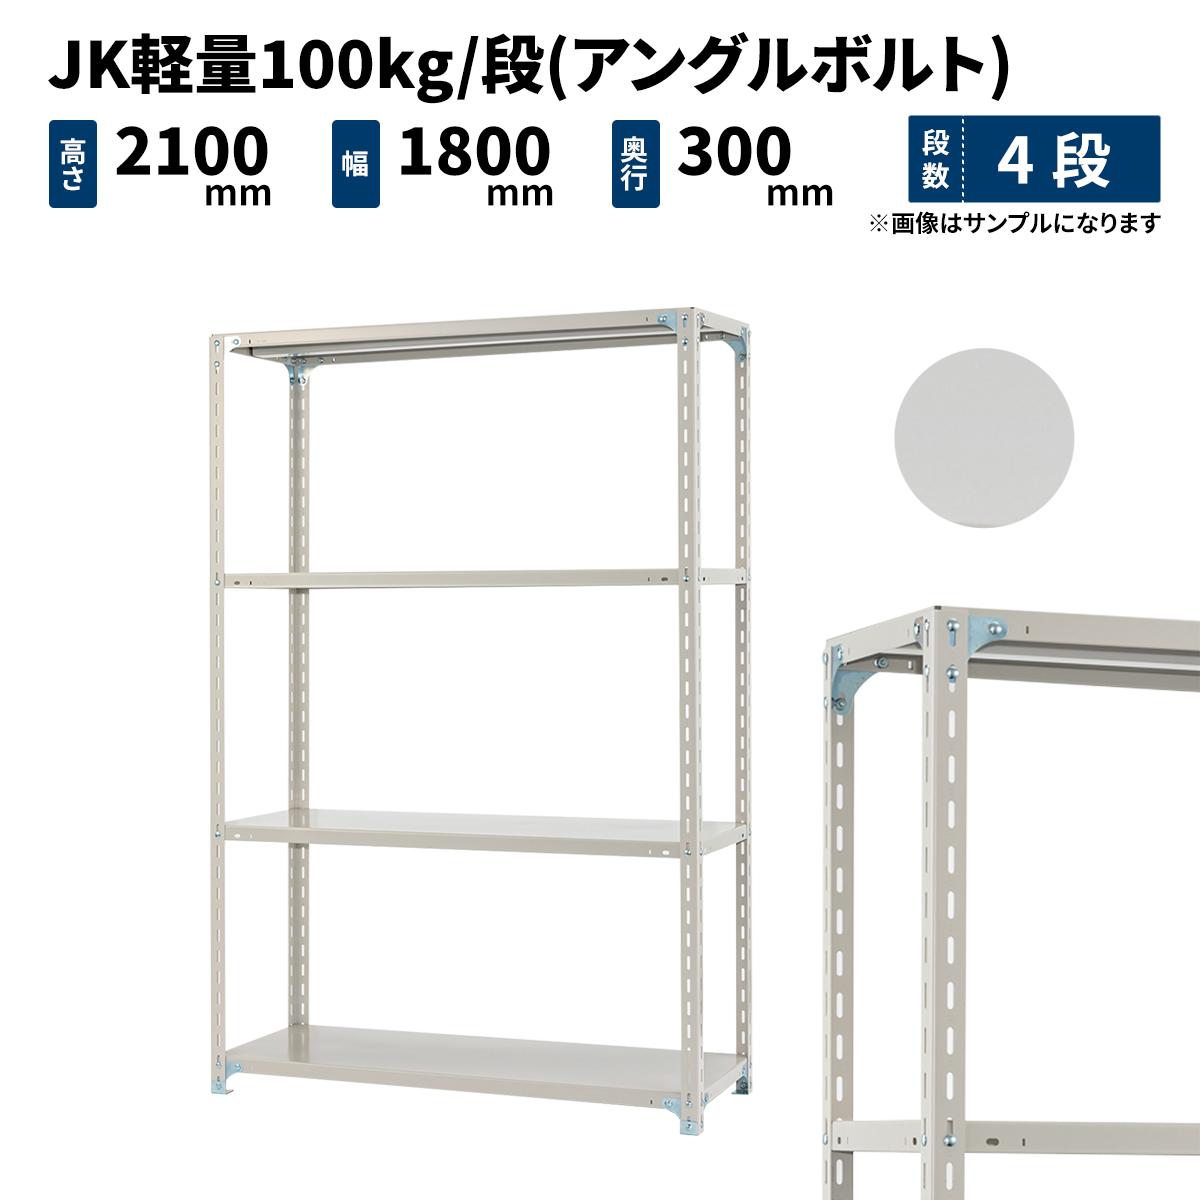 スチールラック 業務用 JK軽量100kg/段(アングルボルト) 高さ2100×幅1800×奥行300mm 4段 ホワイトグレー (40kg) JK100BT-211803-4